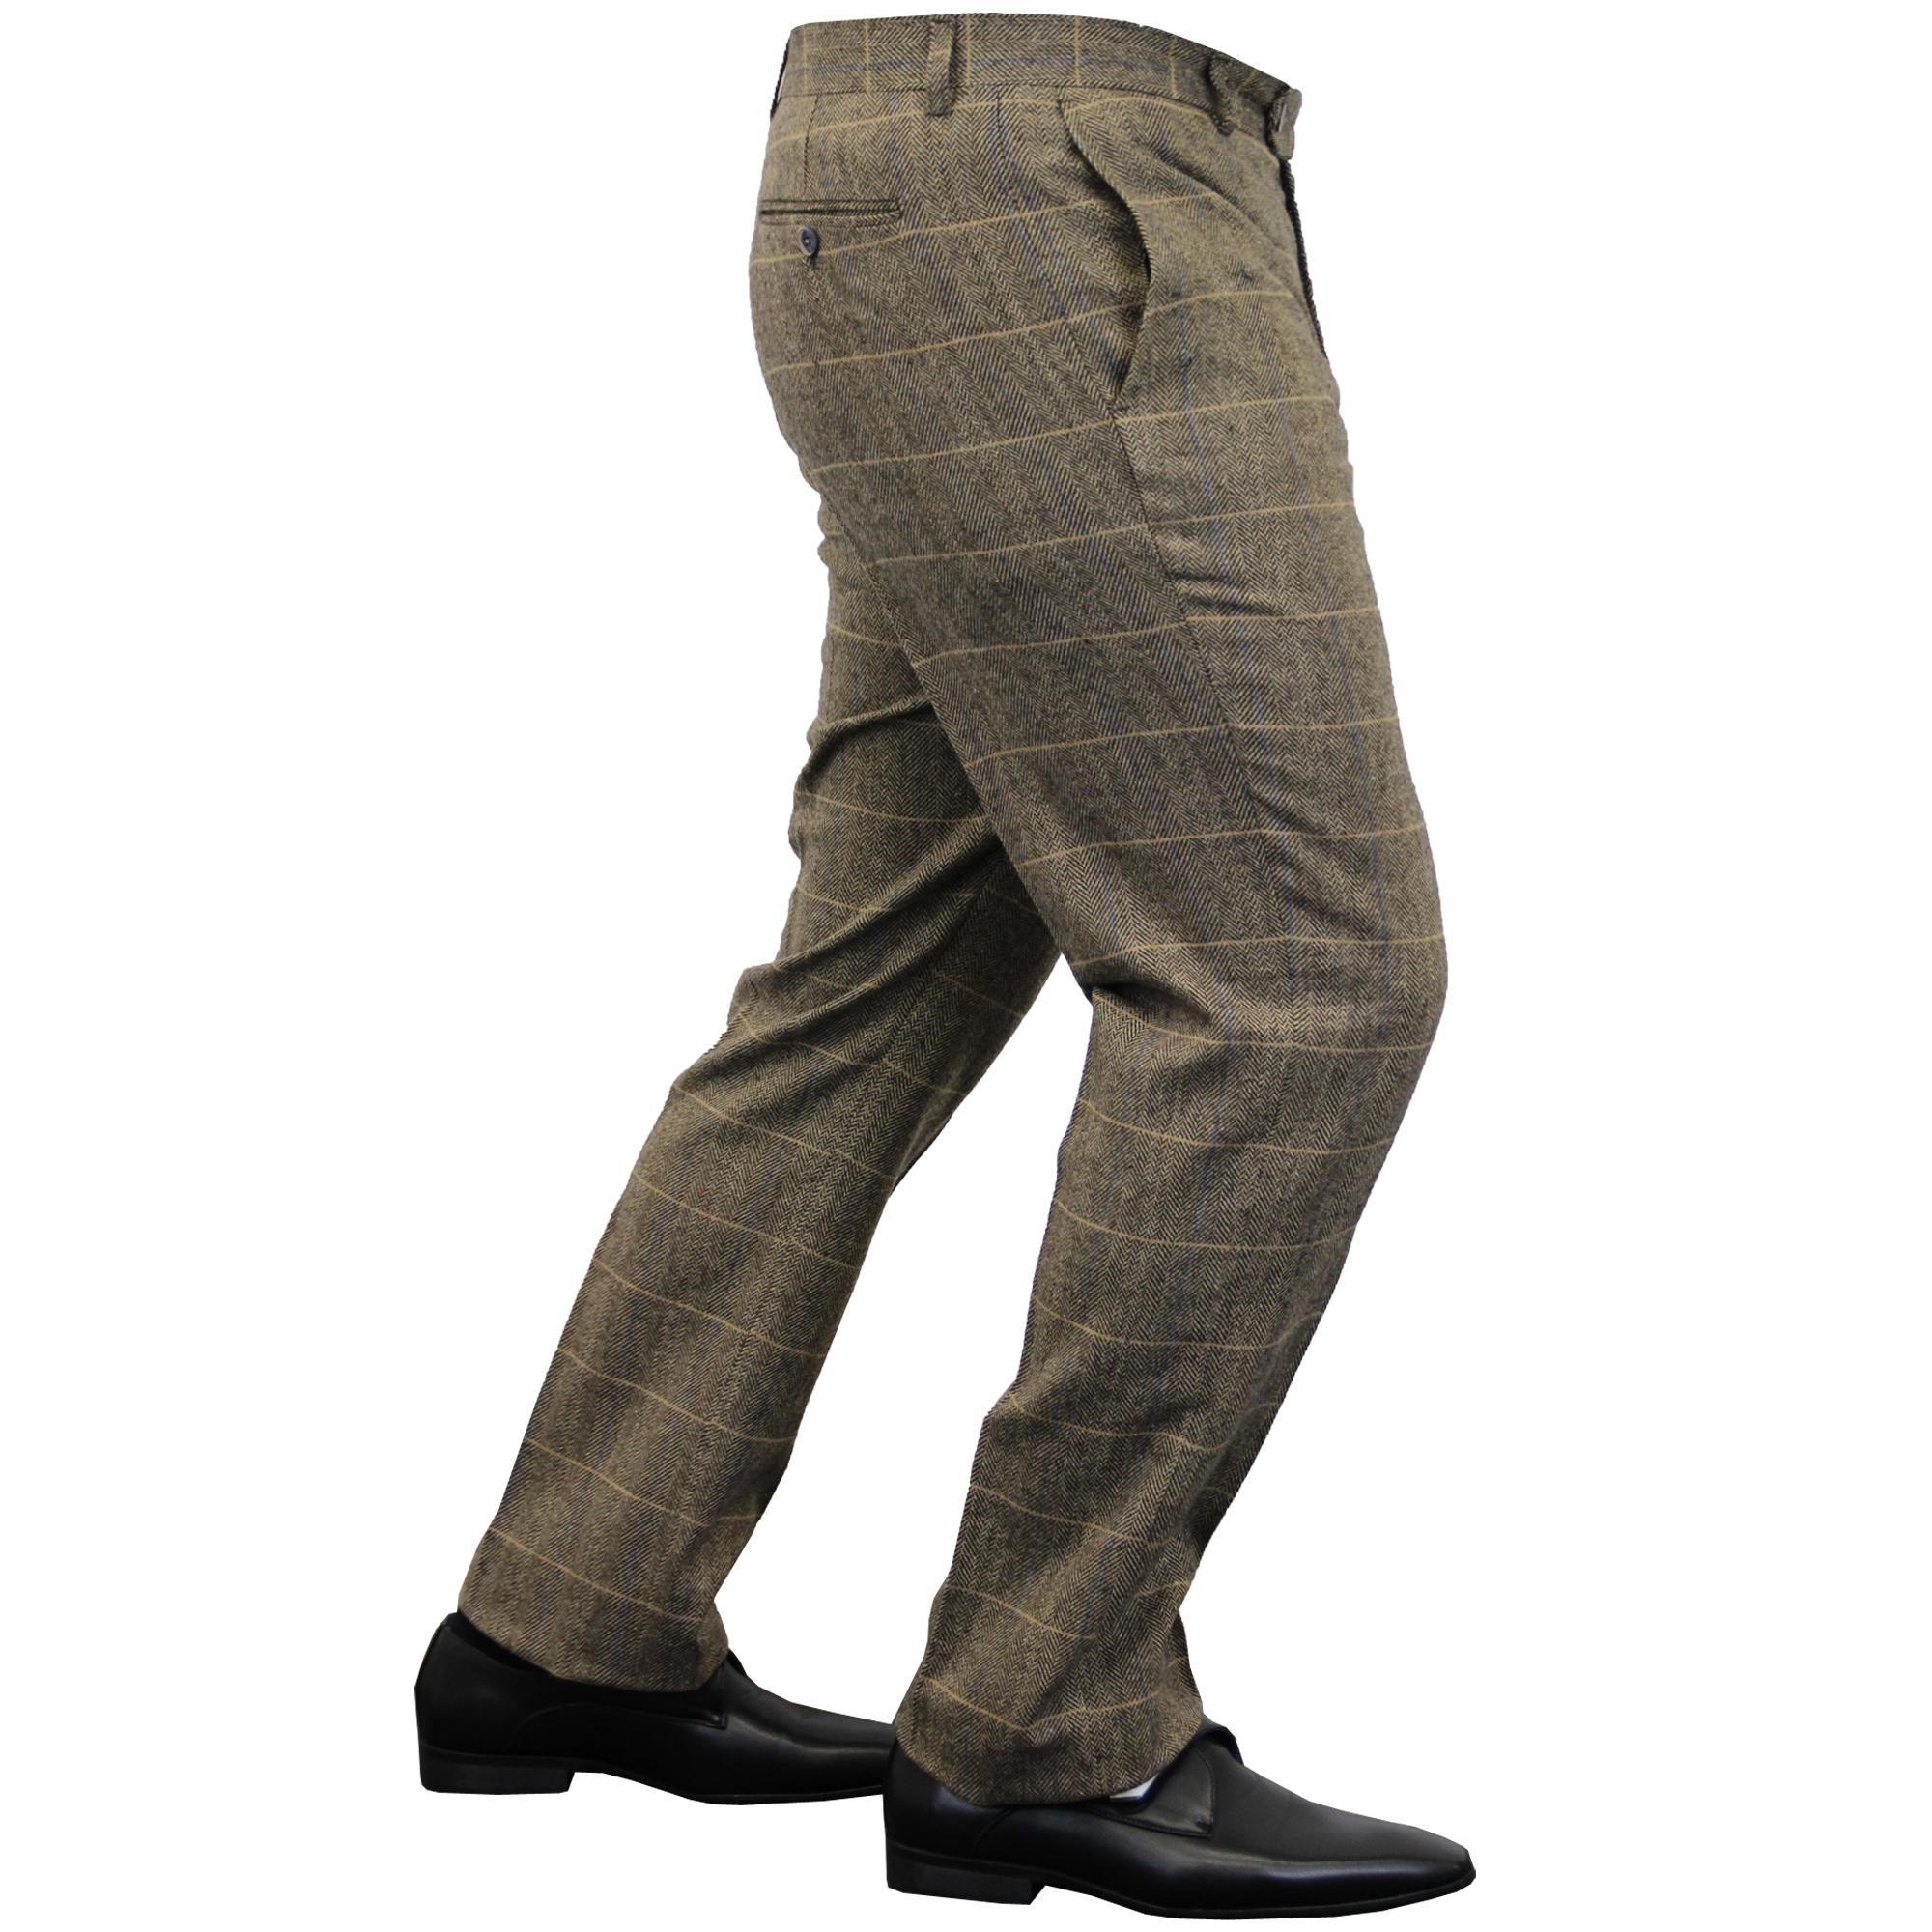 Mens-Wool-Mix-Trousers-Cavani-Tweed-Herringbone-Checked-Pants-Office-Work-New thumbnail 7